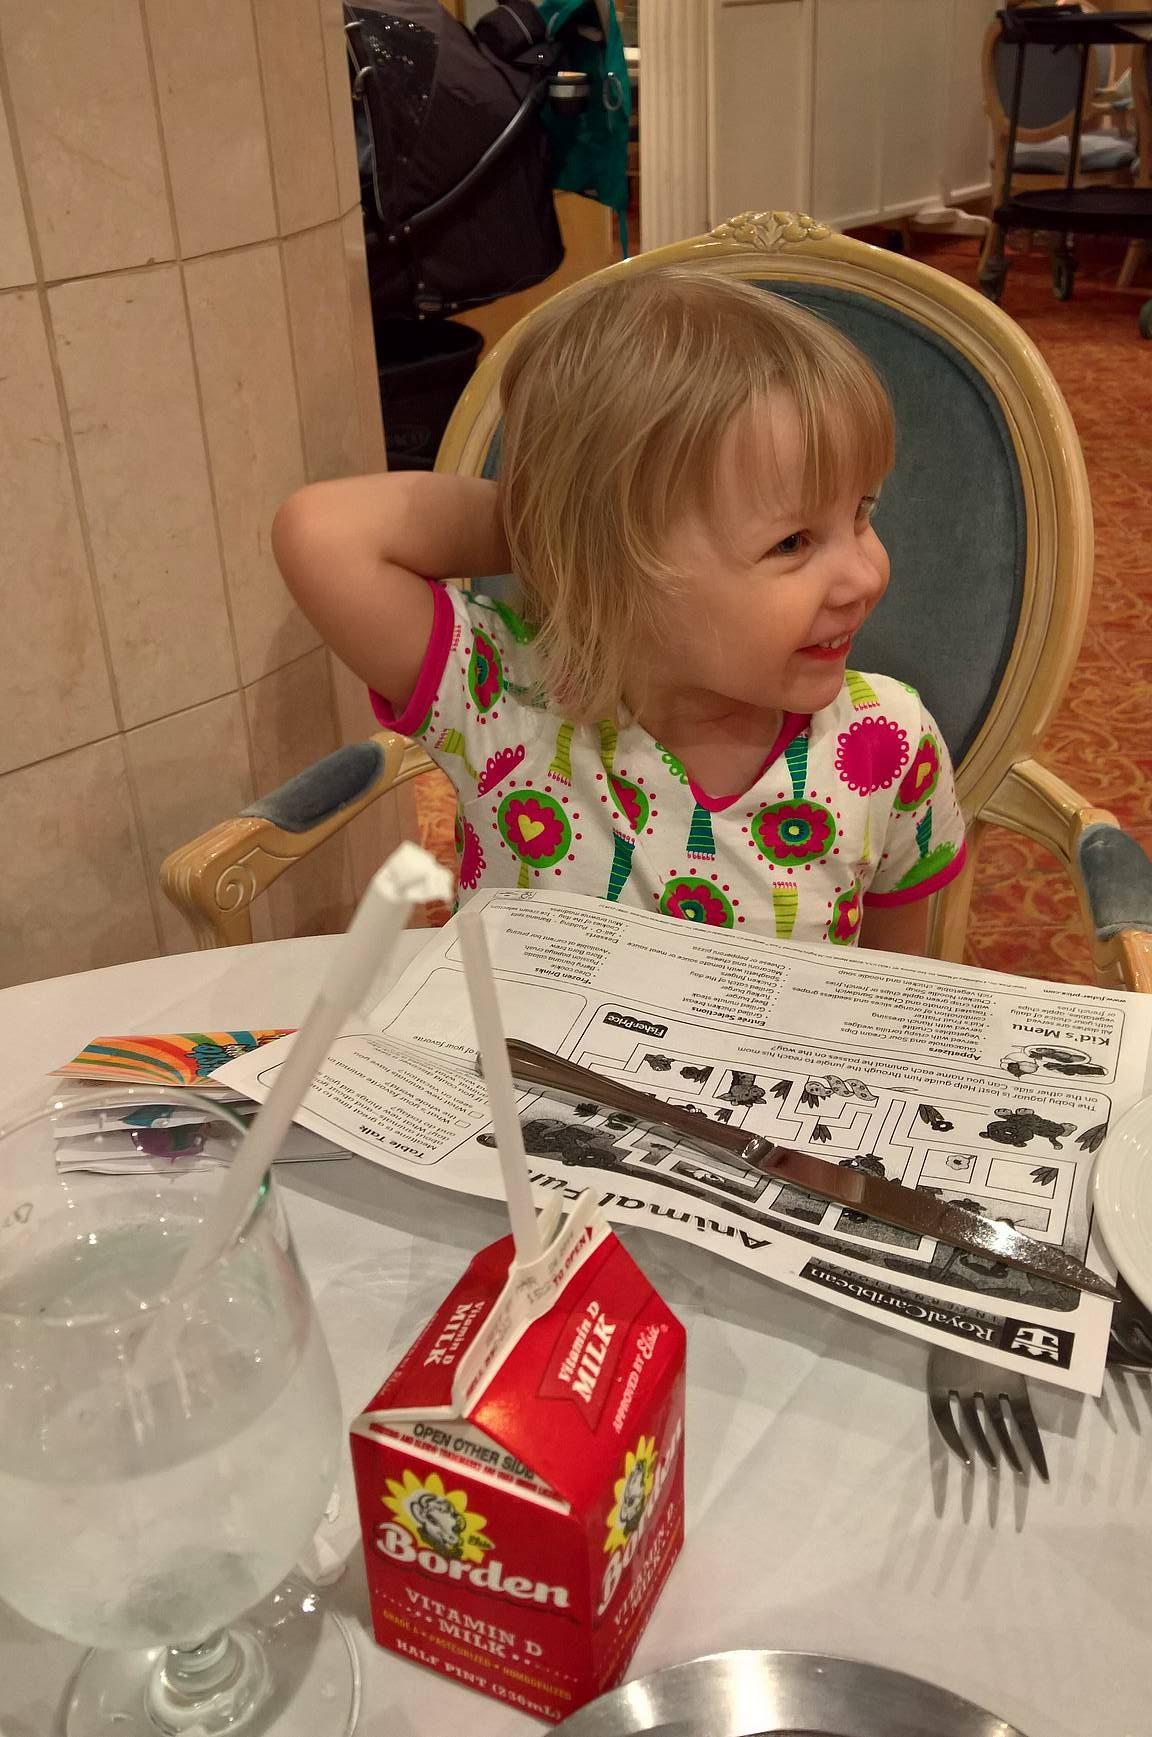 Emma tutkii a la cartessa lasten menua, joka toimi samalla värityskirjana. Elmeri nukkuu taustalla jo rattaissa yöuniaan.